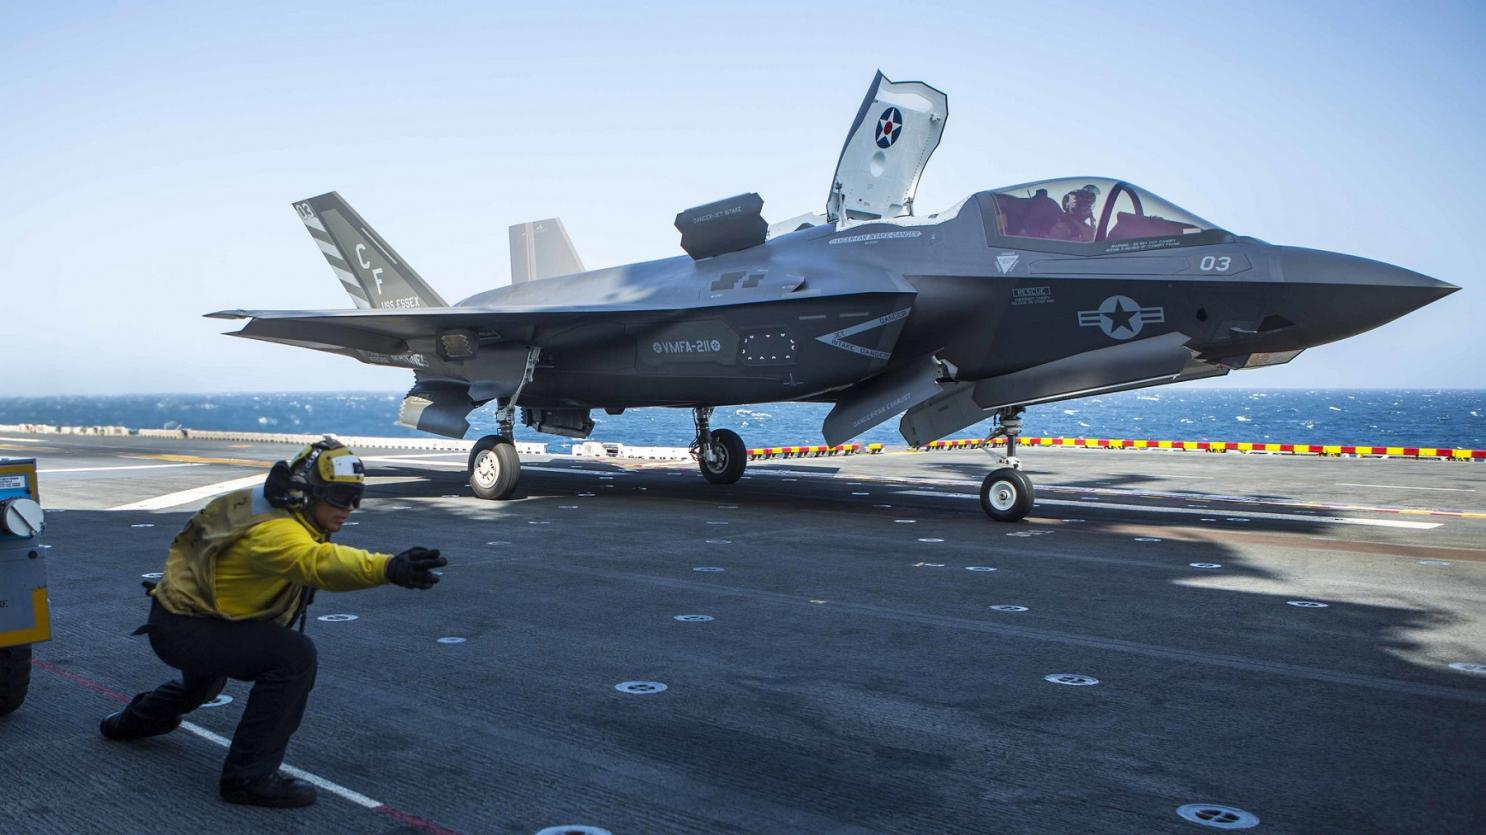 «Παγώνει» η Ουάσινγκτον τις παραδόσεις εξοπλισμού των F-35 στην Άγκυρα